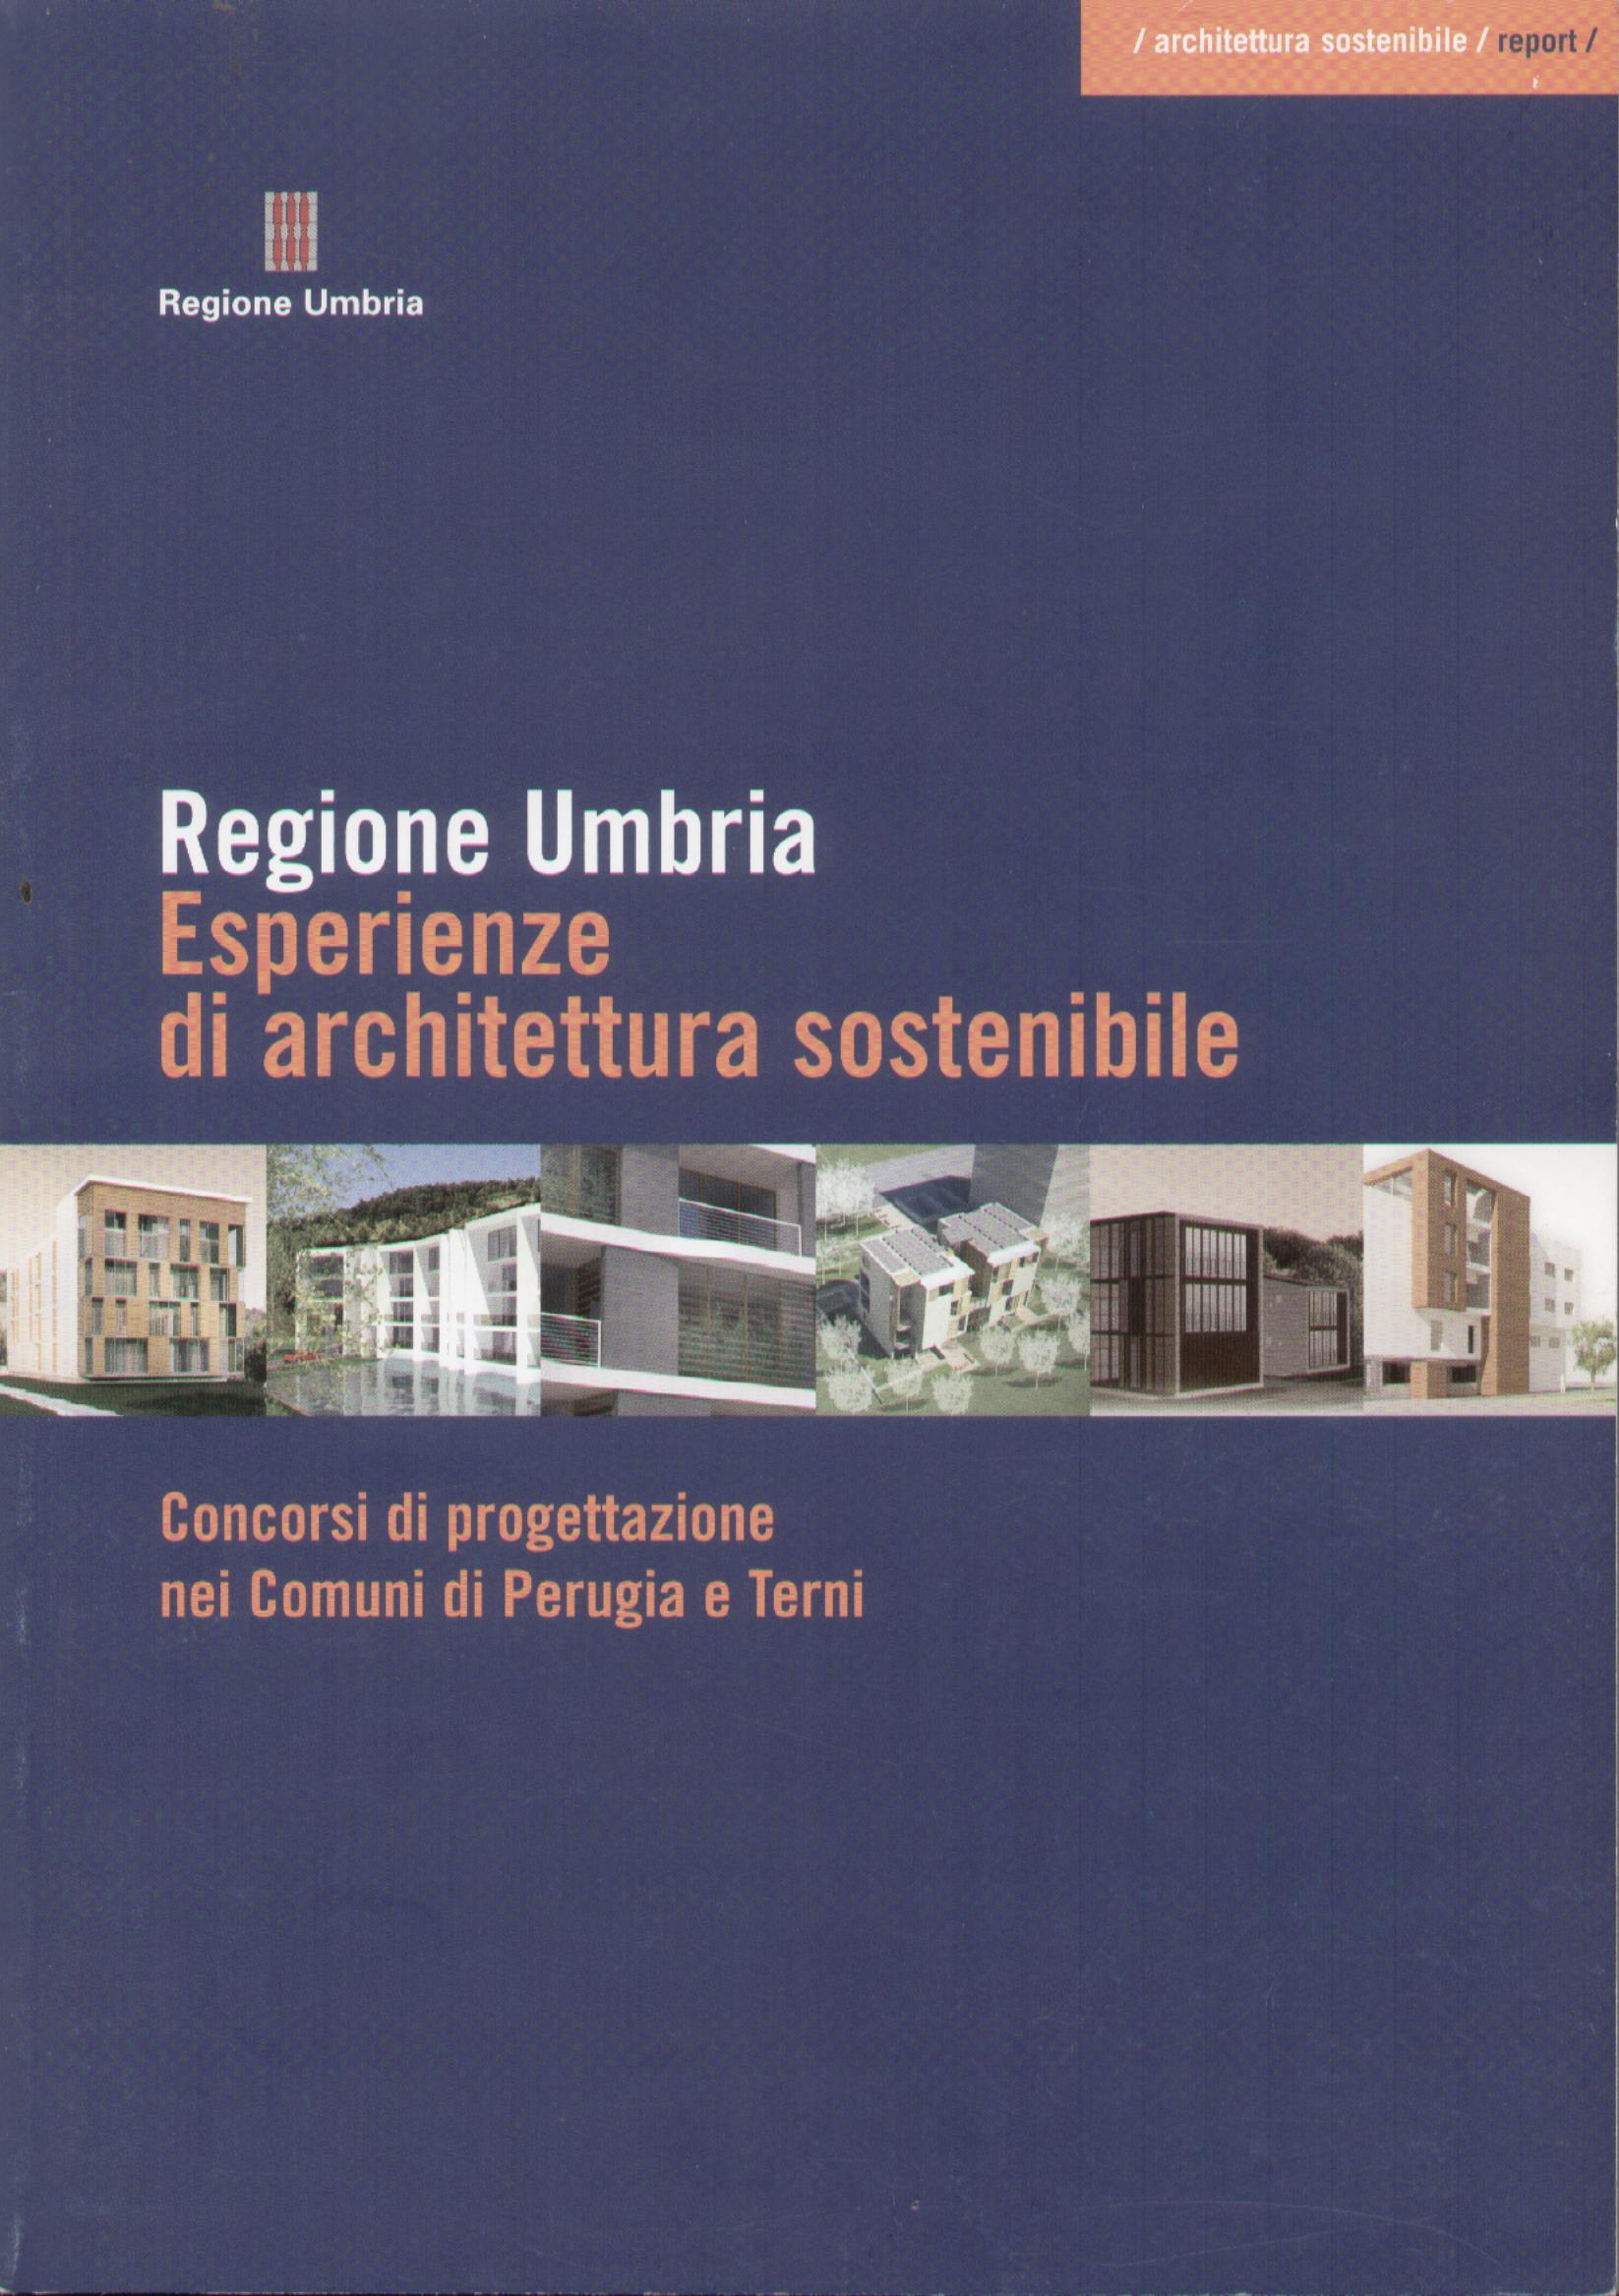 Esperienze di architettura sostenibile